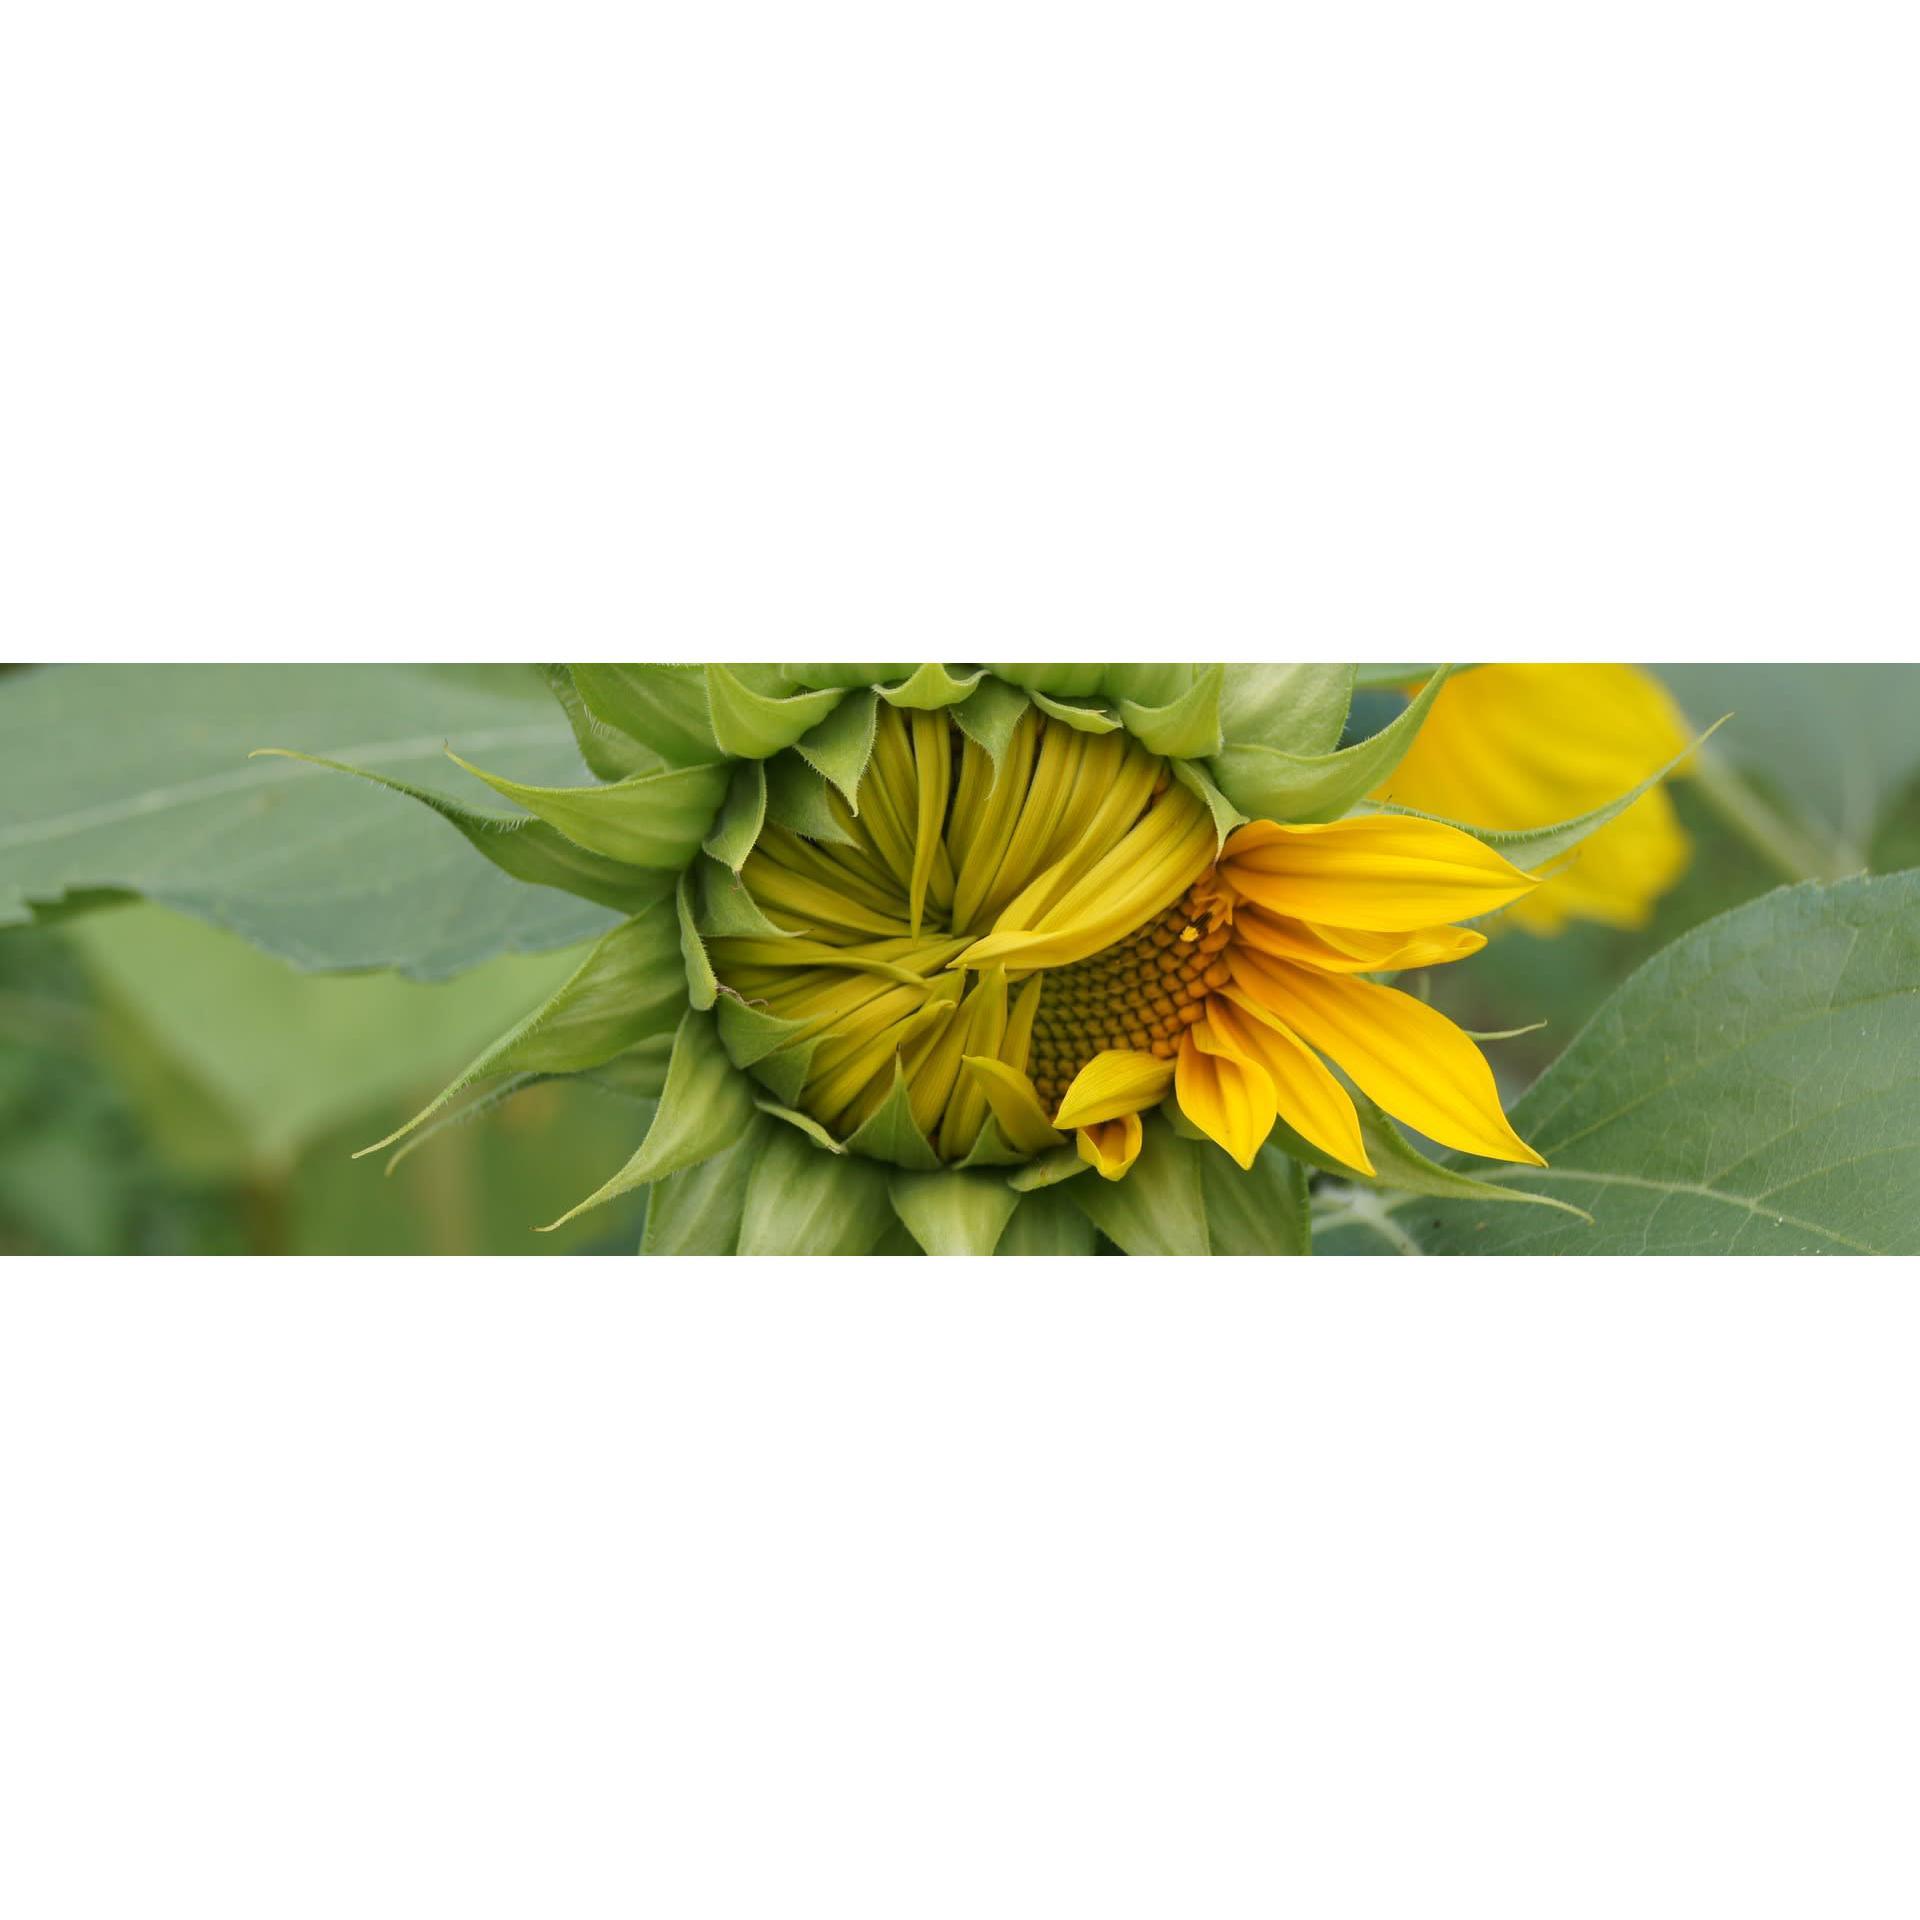 Artflowers - Bath, Somerset BA2 5BH - 07380 269627 | ShowMeLocal.com